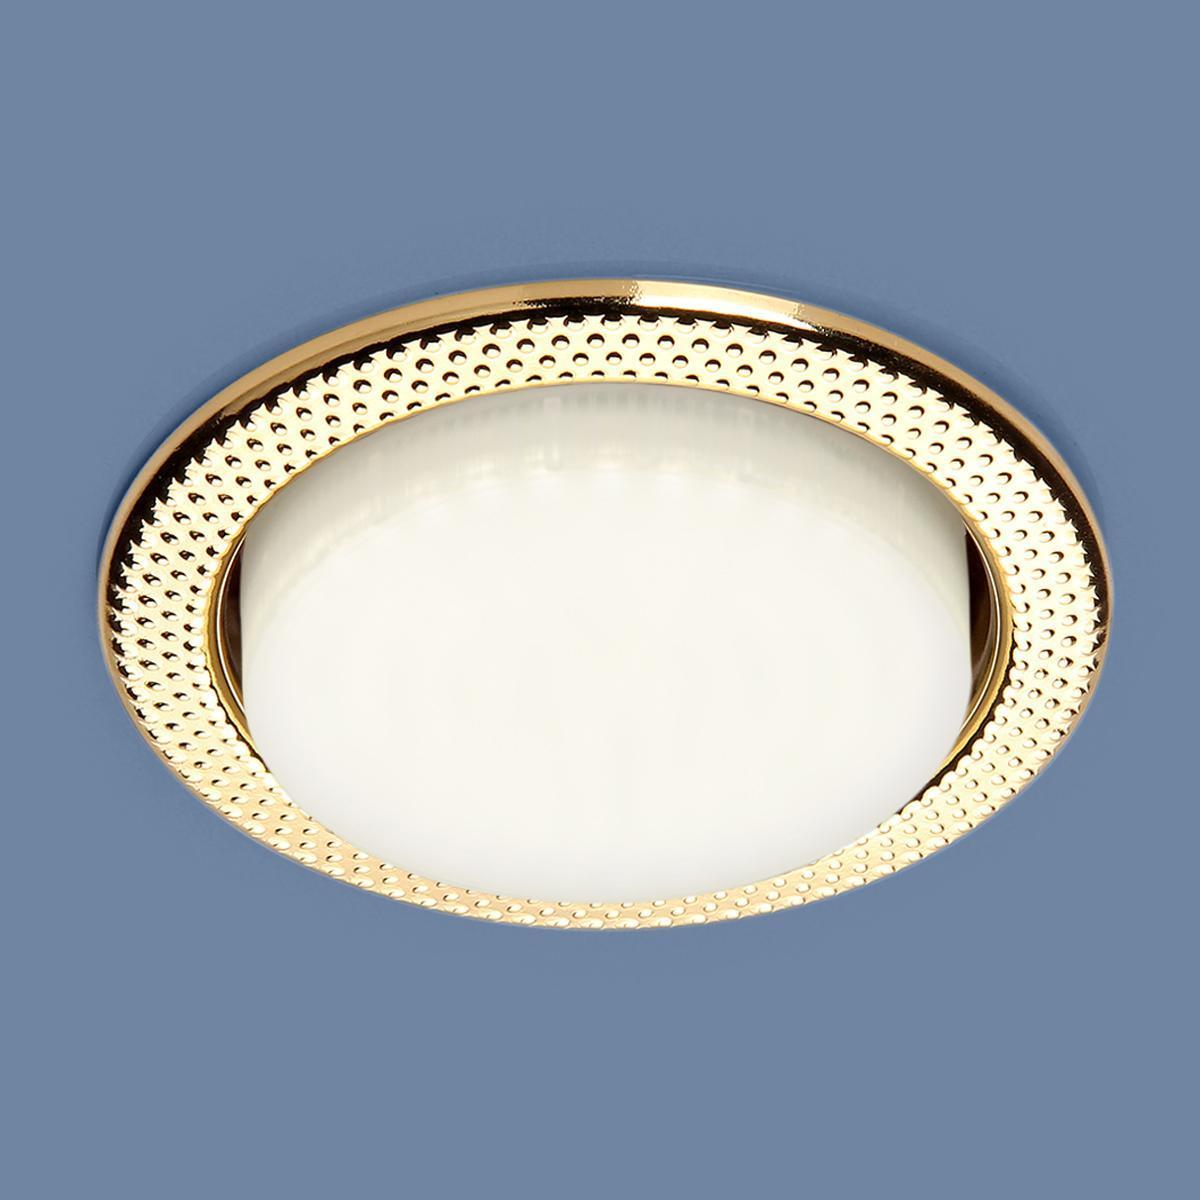 Встраиваемый светильник Elektrostandard 1066 GX53 GD золото 4690389078699 встраиваемый светильник elektrostandard 1066 gx53 ch хром 4690389078682